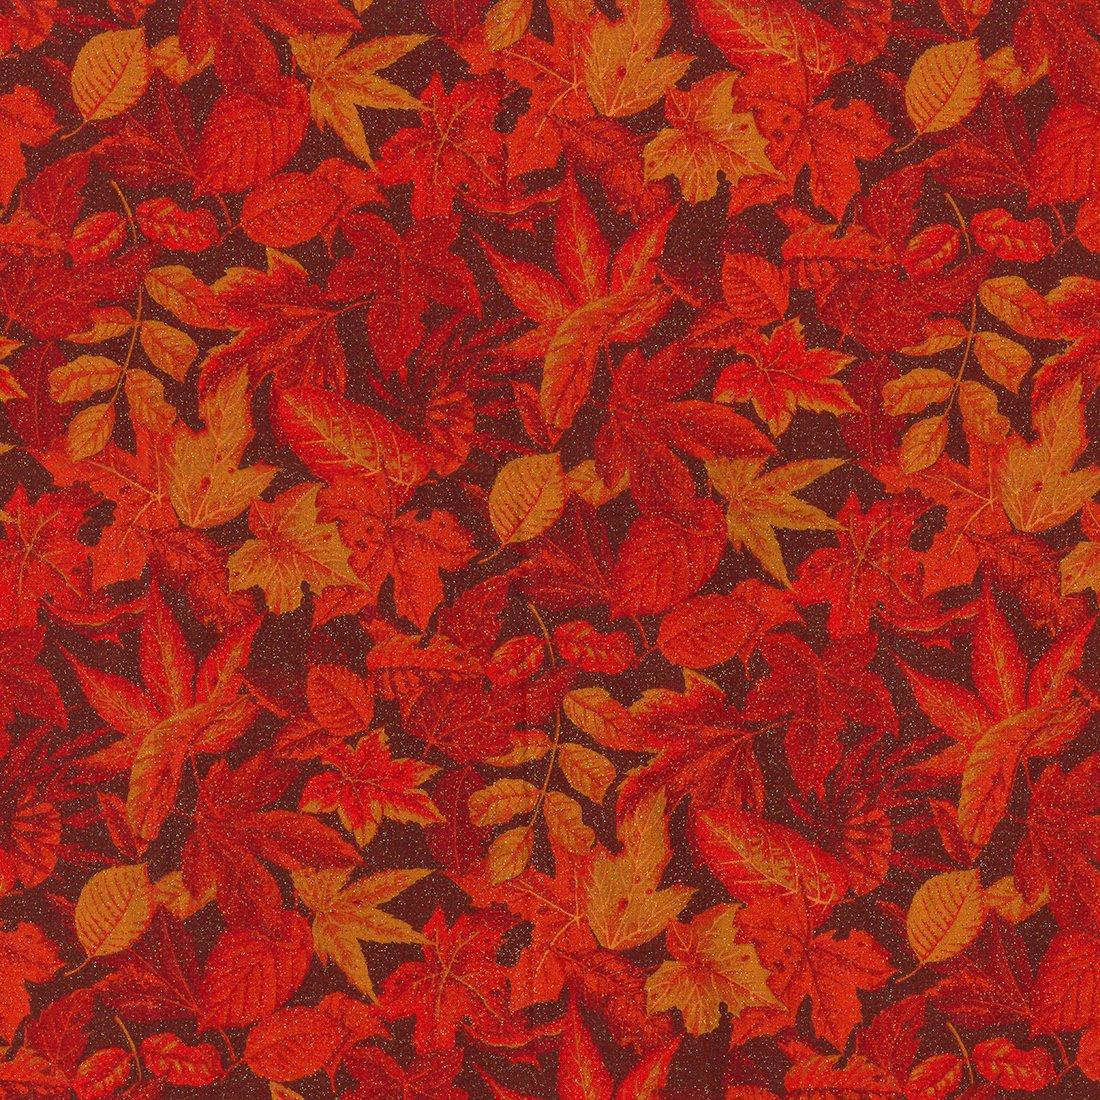 FT-Fall Holidays 15178-OG GLITTER Leaves